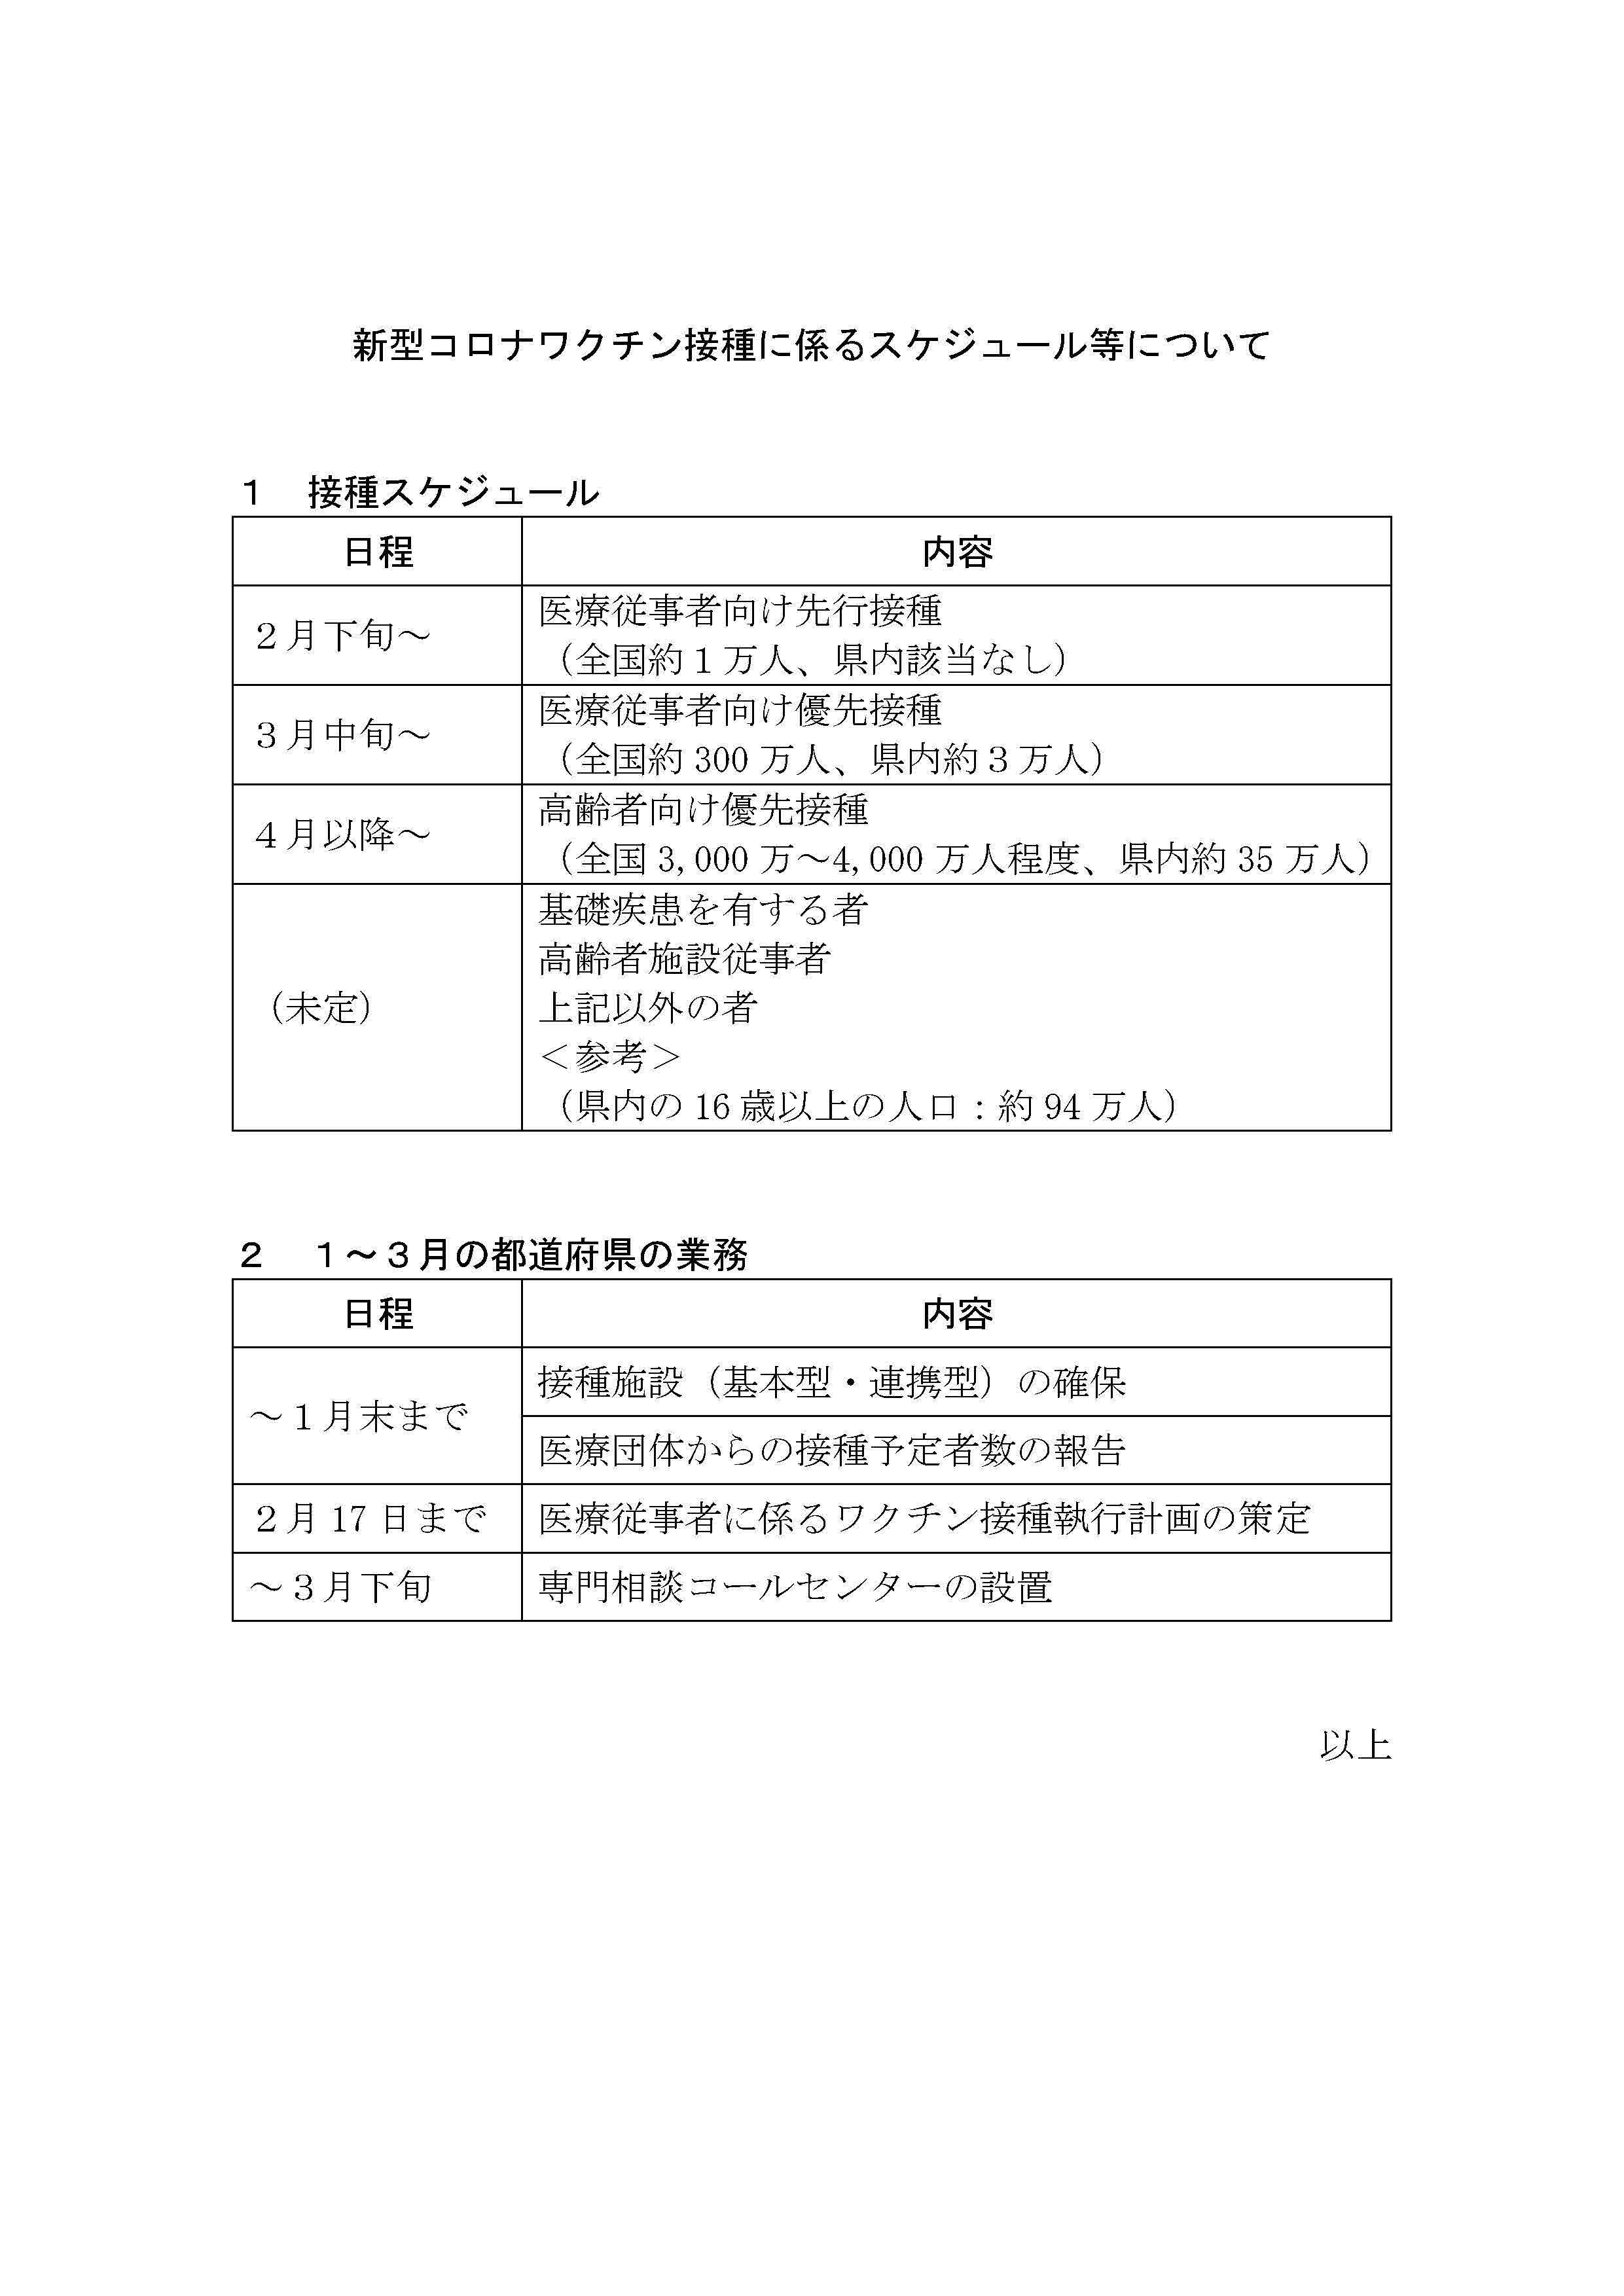 山形県のコロナワクチン接種の業務とスケジュール_d0129296_21302406.jpg